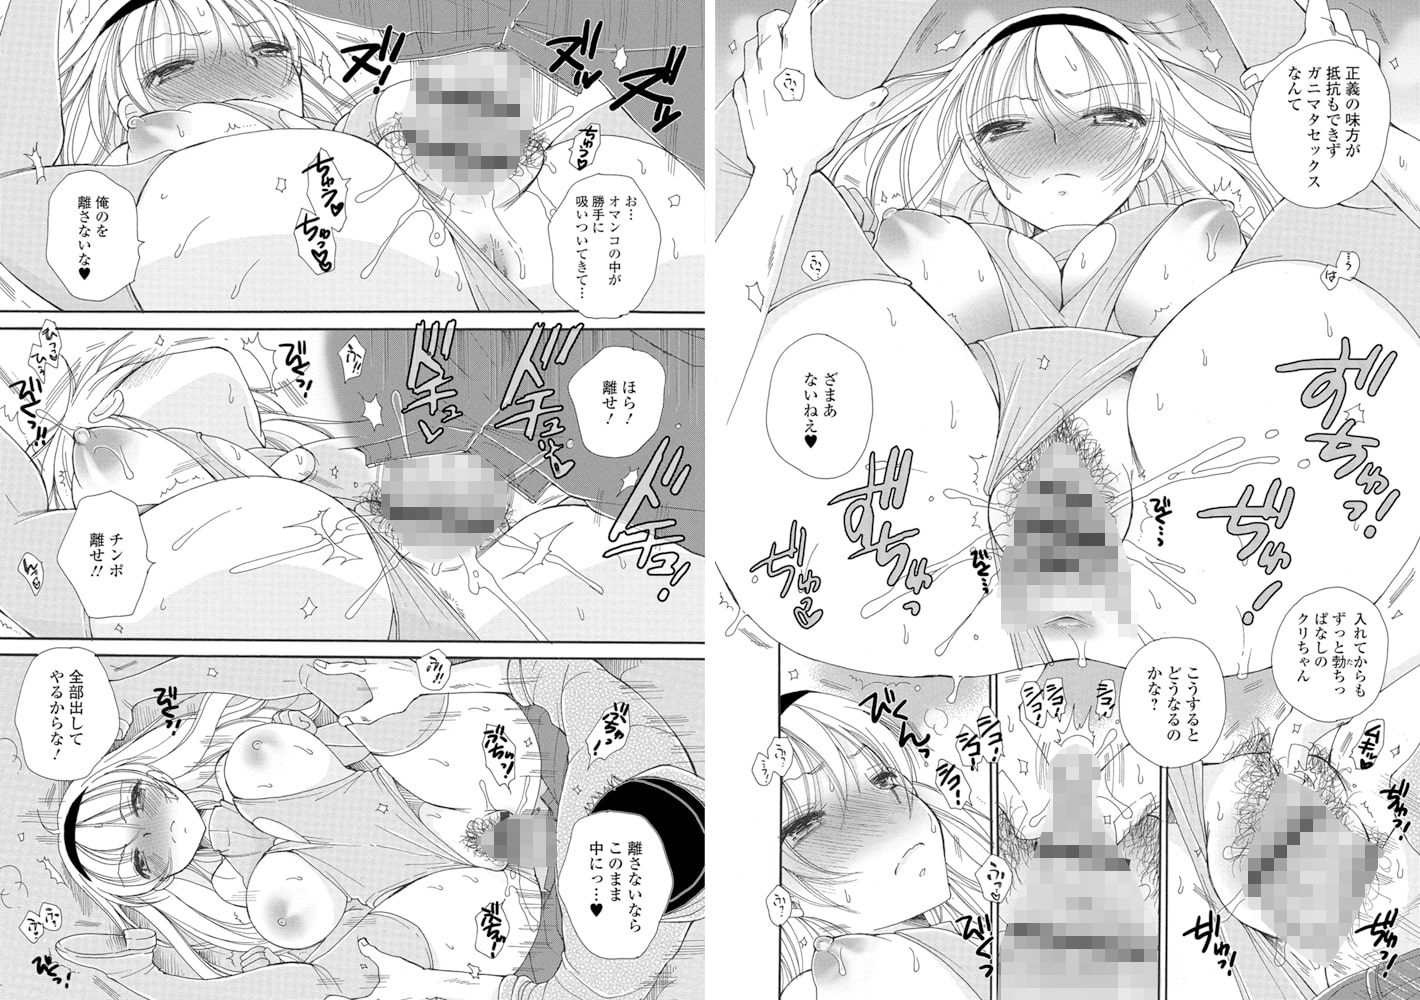 強制お仕置きタイム vol.2